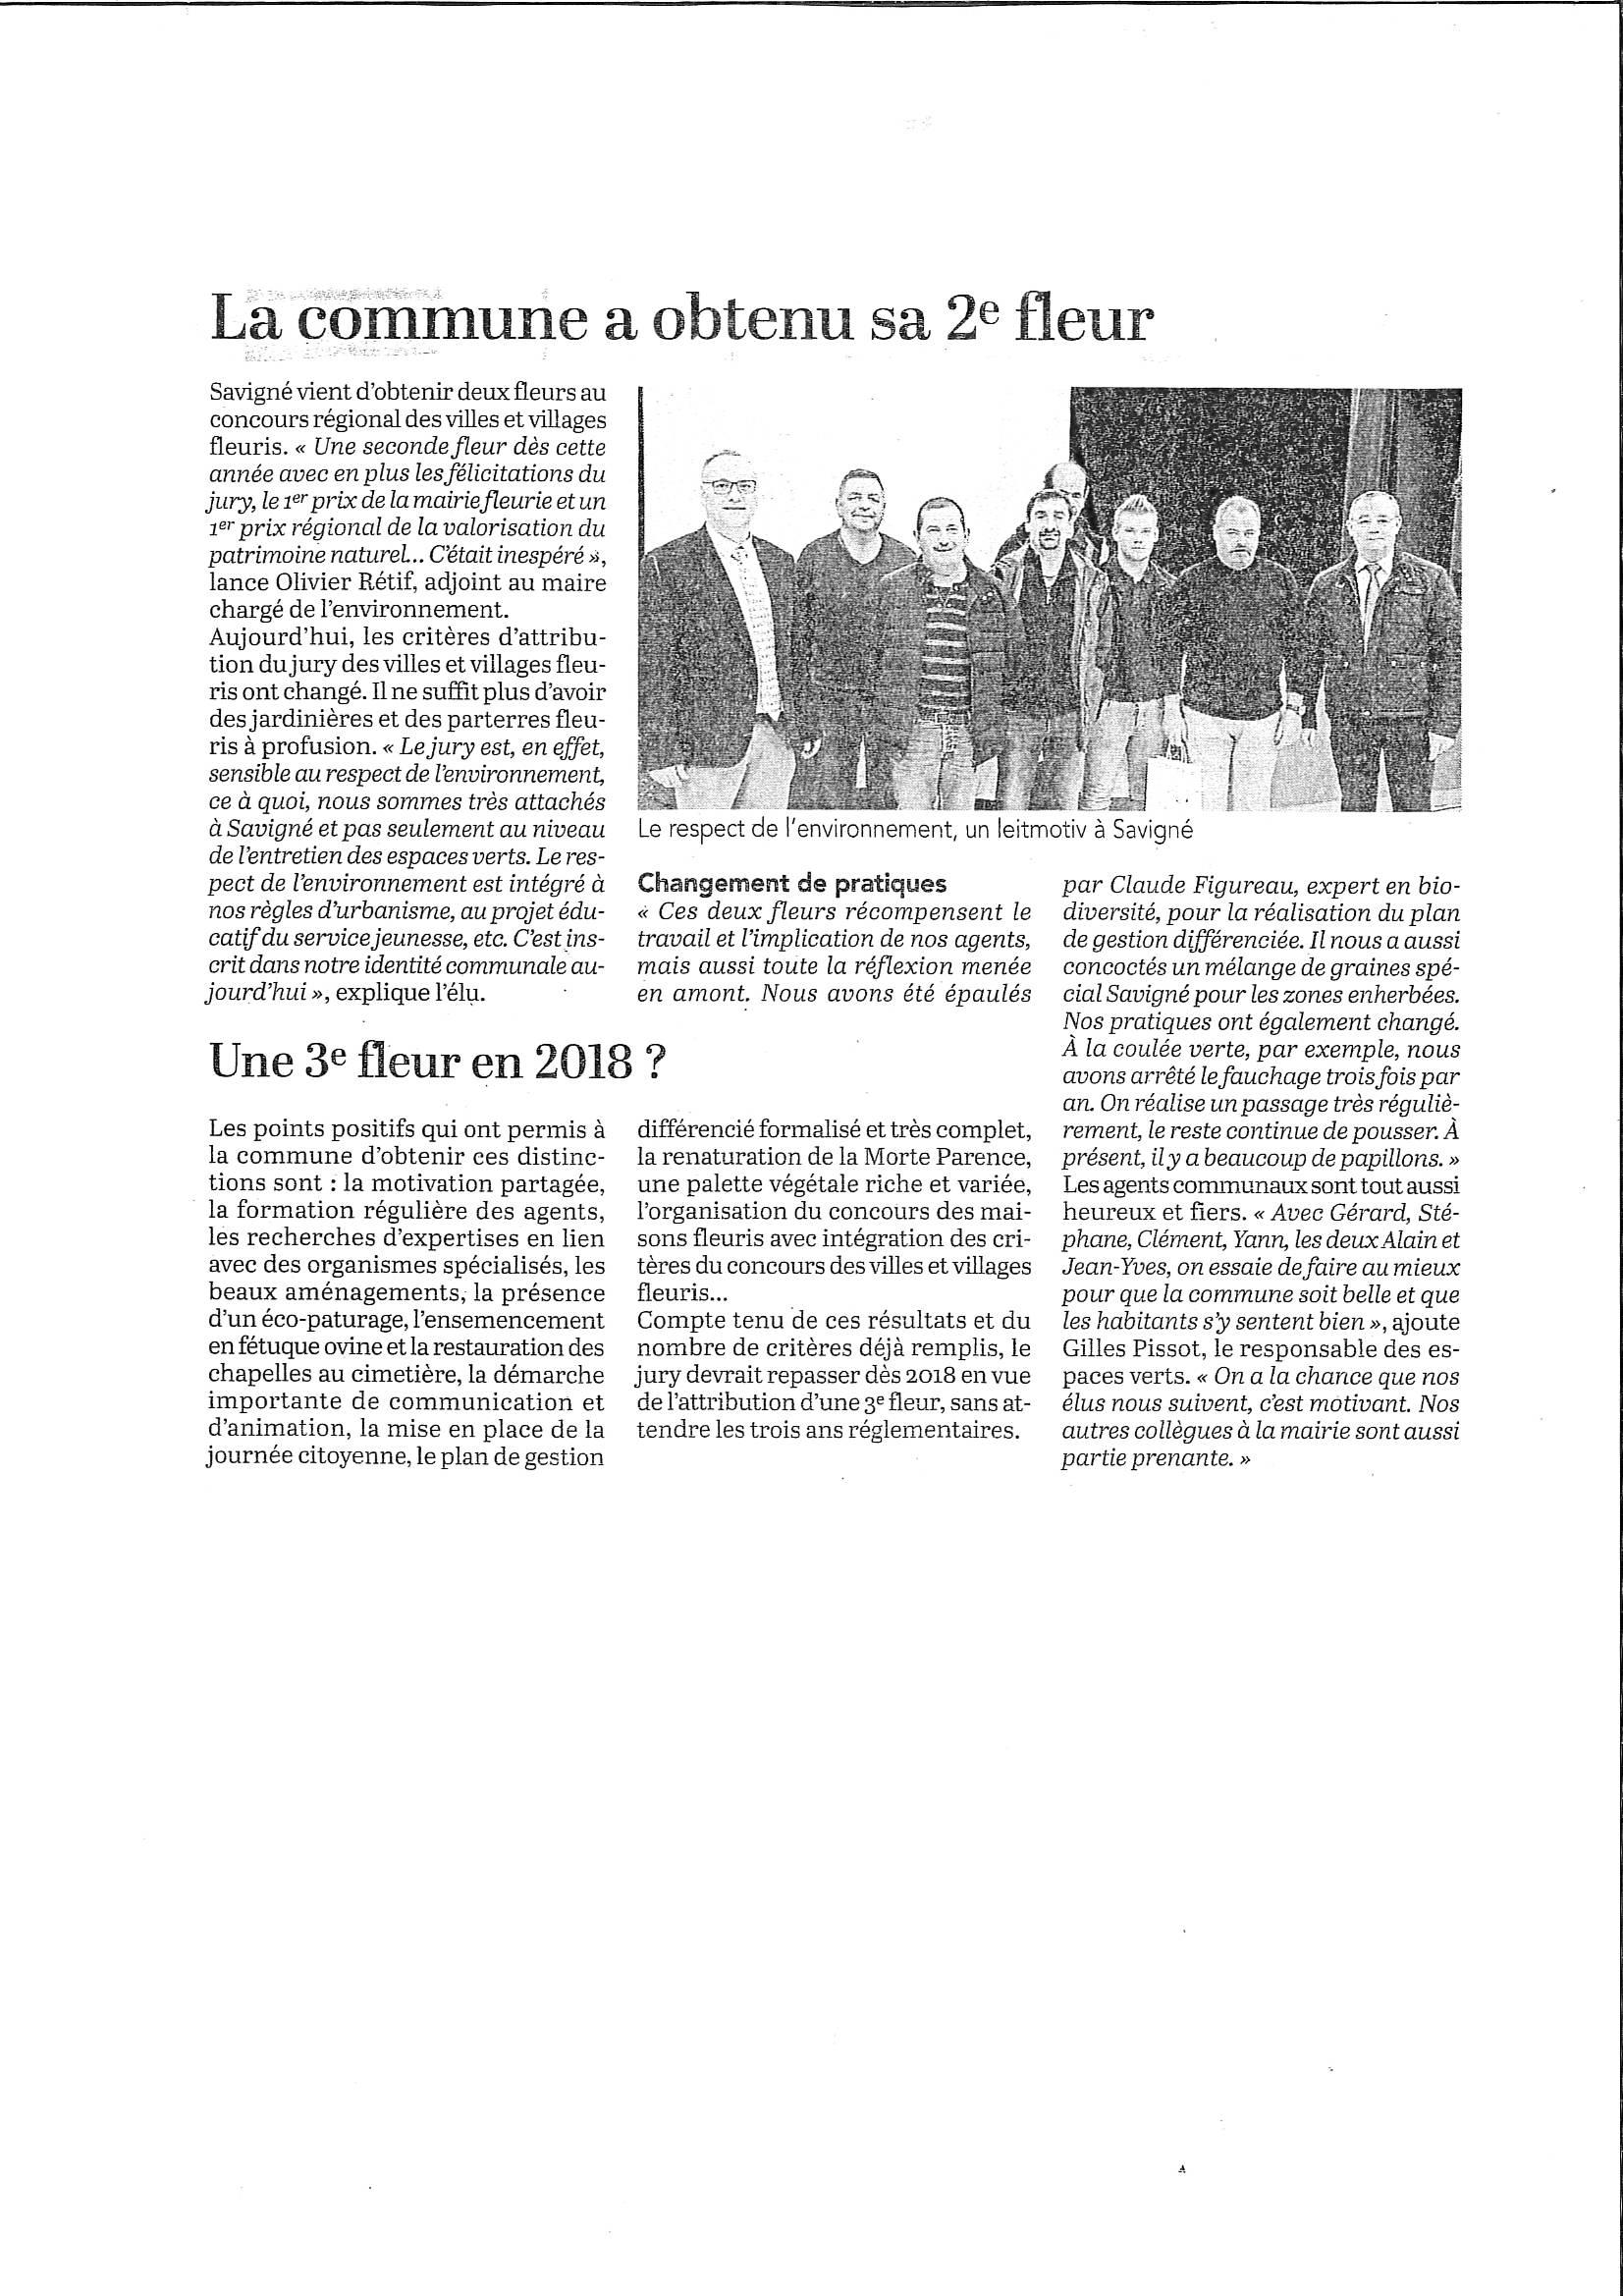 Maine Libre 5 décembre (2)